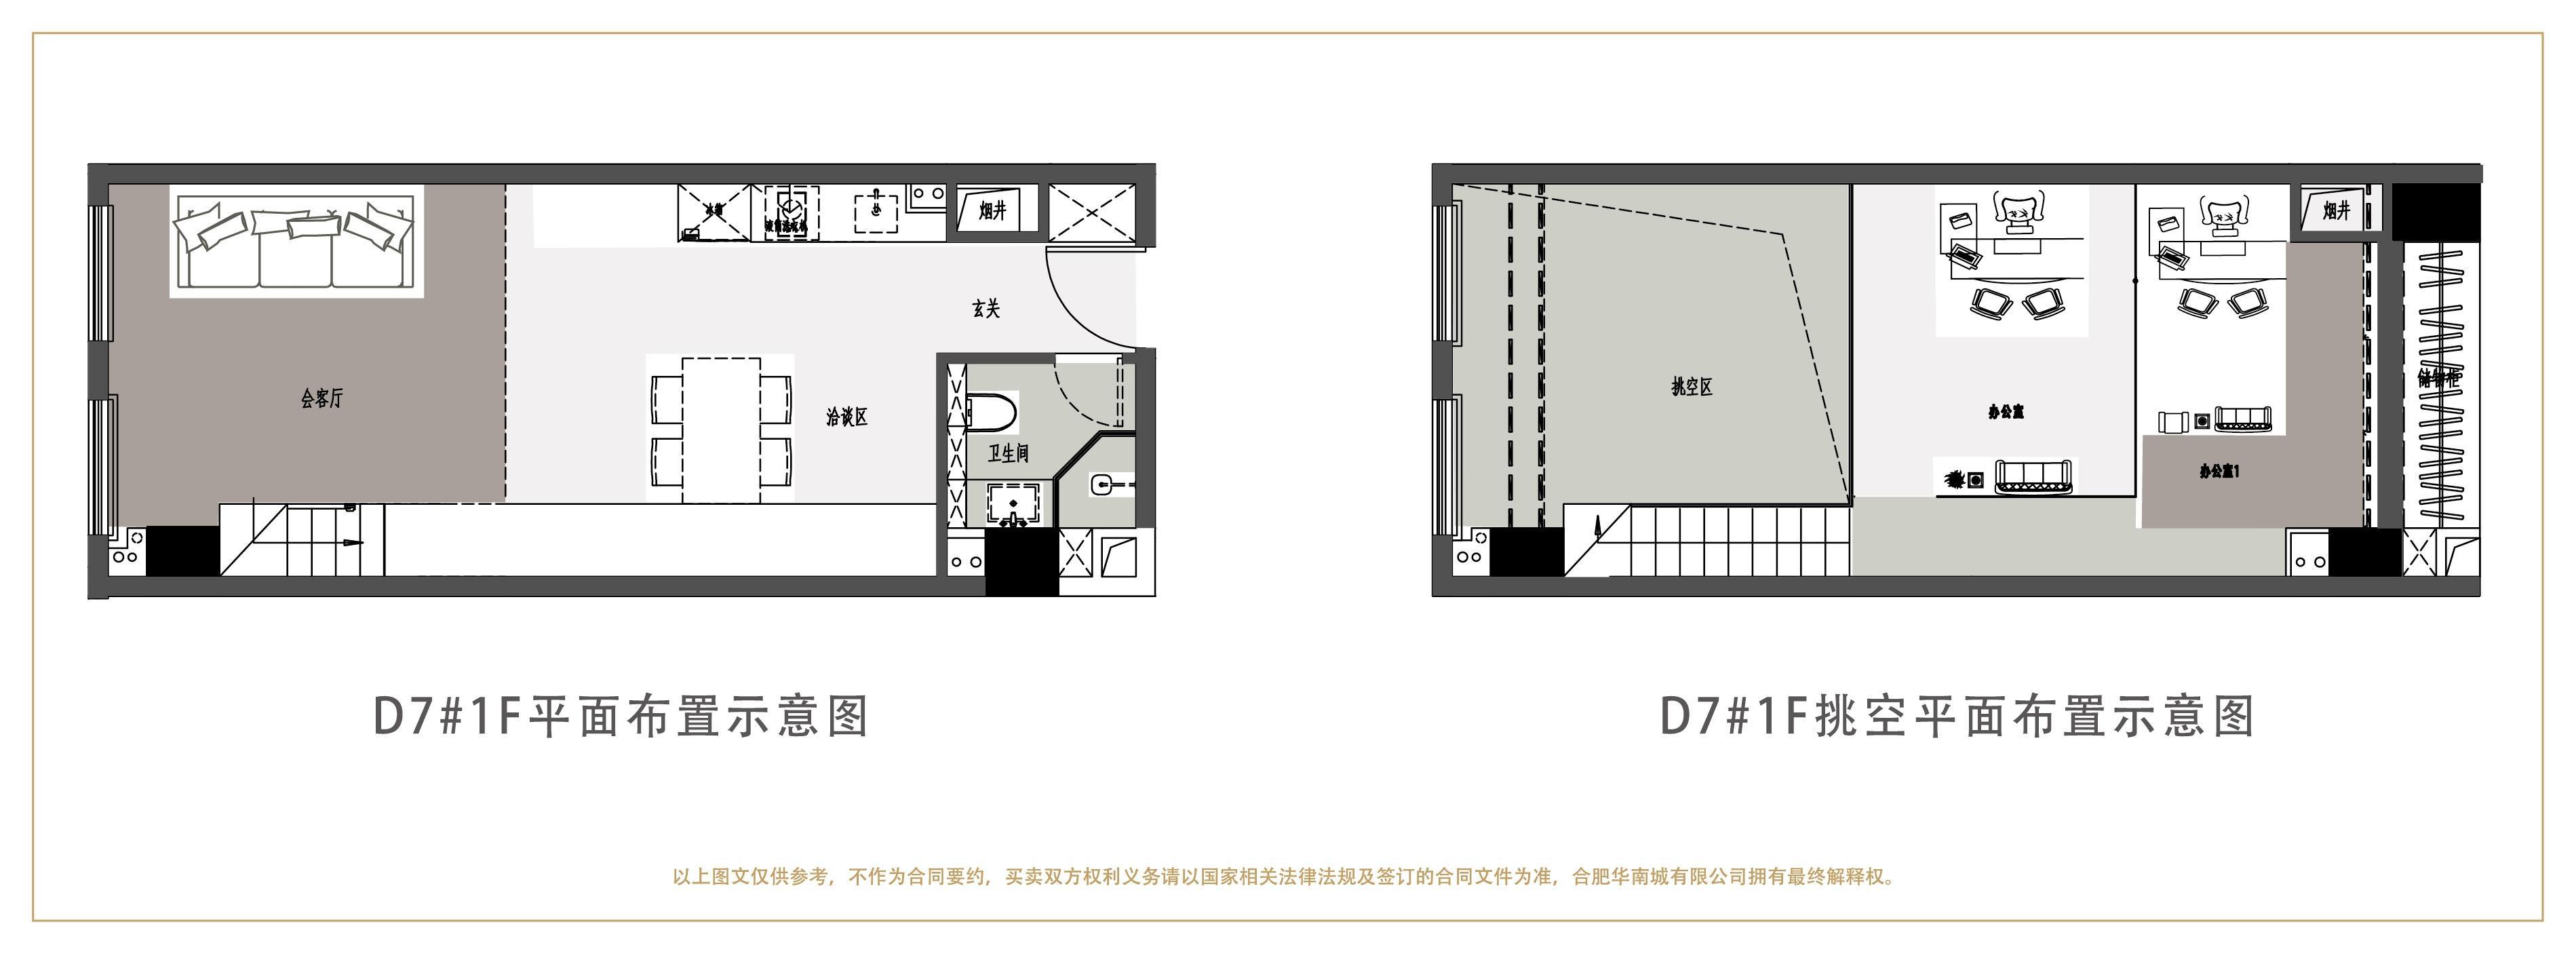 1668华商里D7#-1F平面户型图